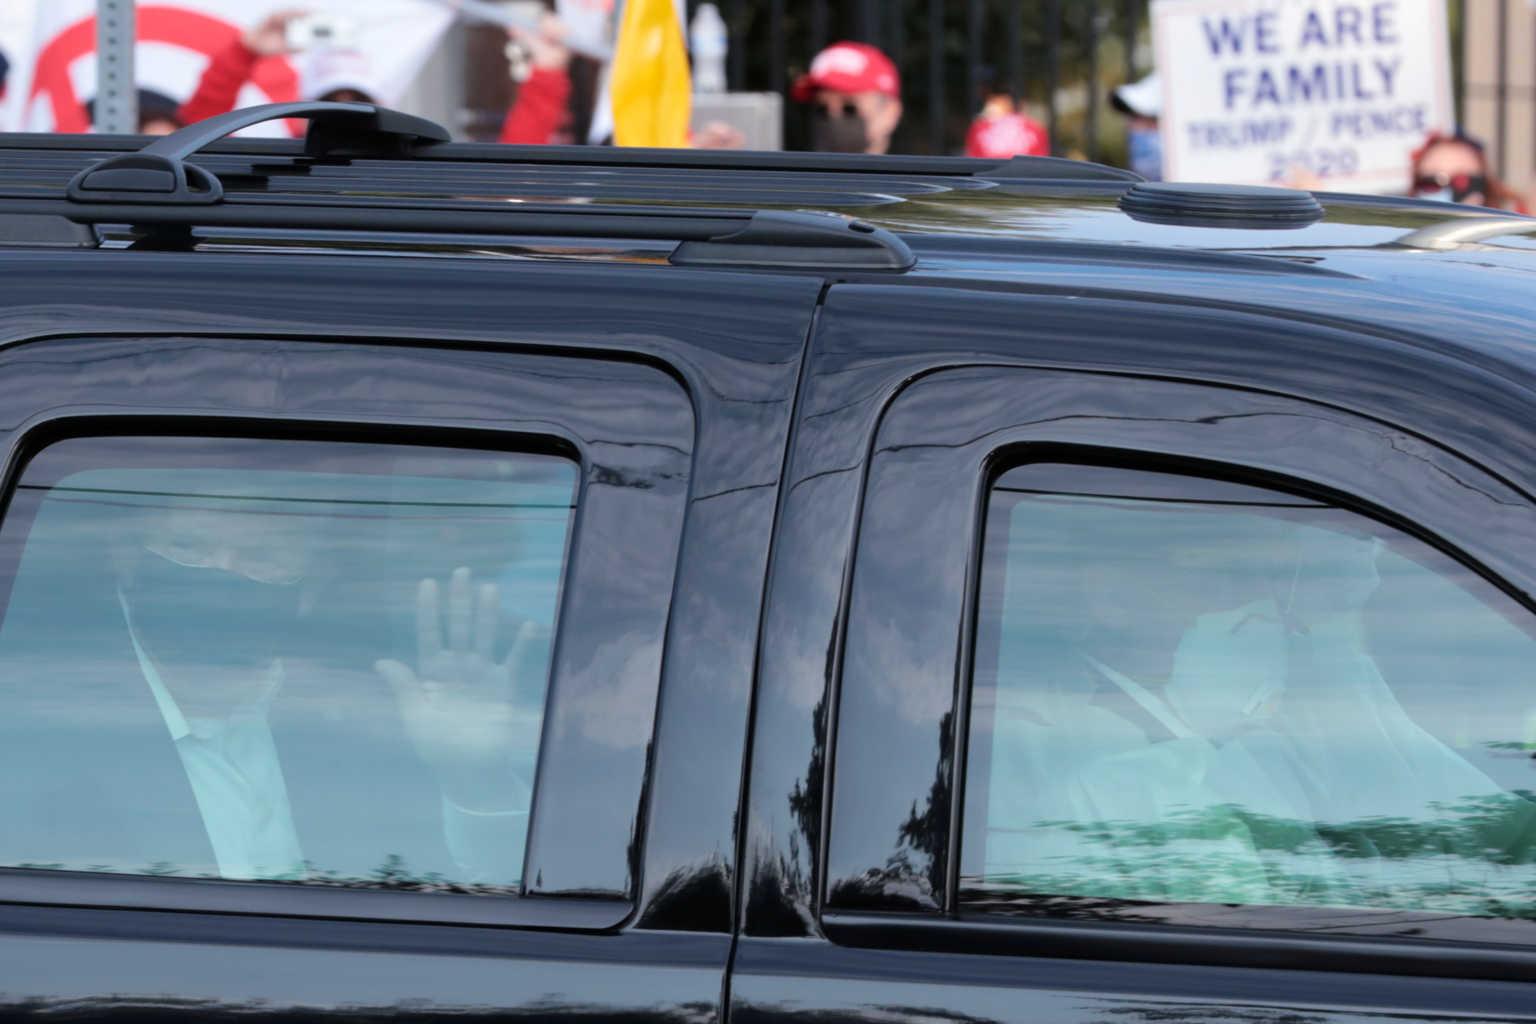 """Θέατρο Τραμπ μέσα κι έξω από το νοσοκομείο – Η """"βόλτα"""" που προκάλεσε οργή"""